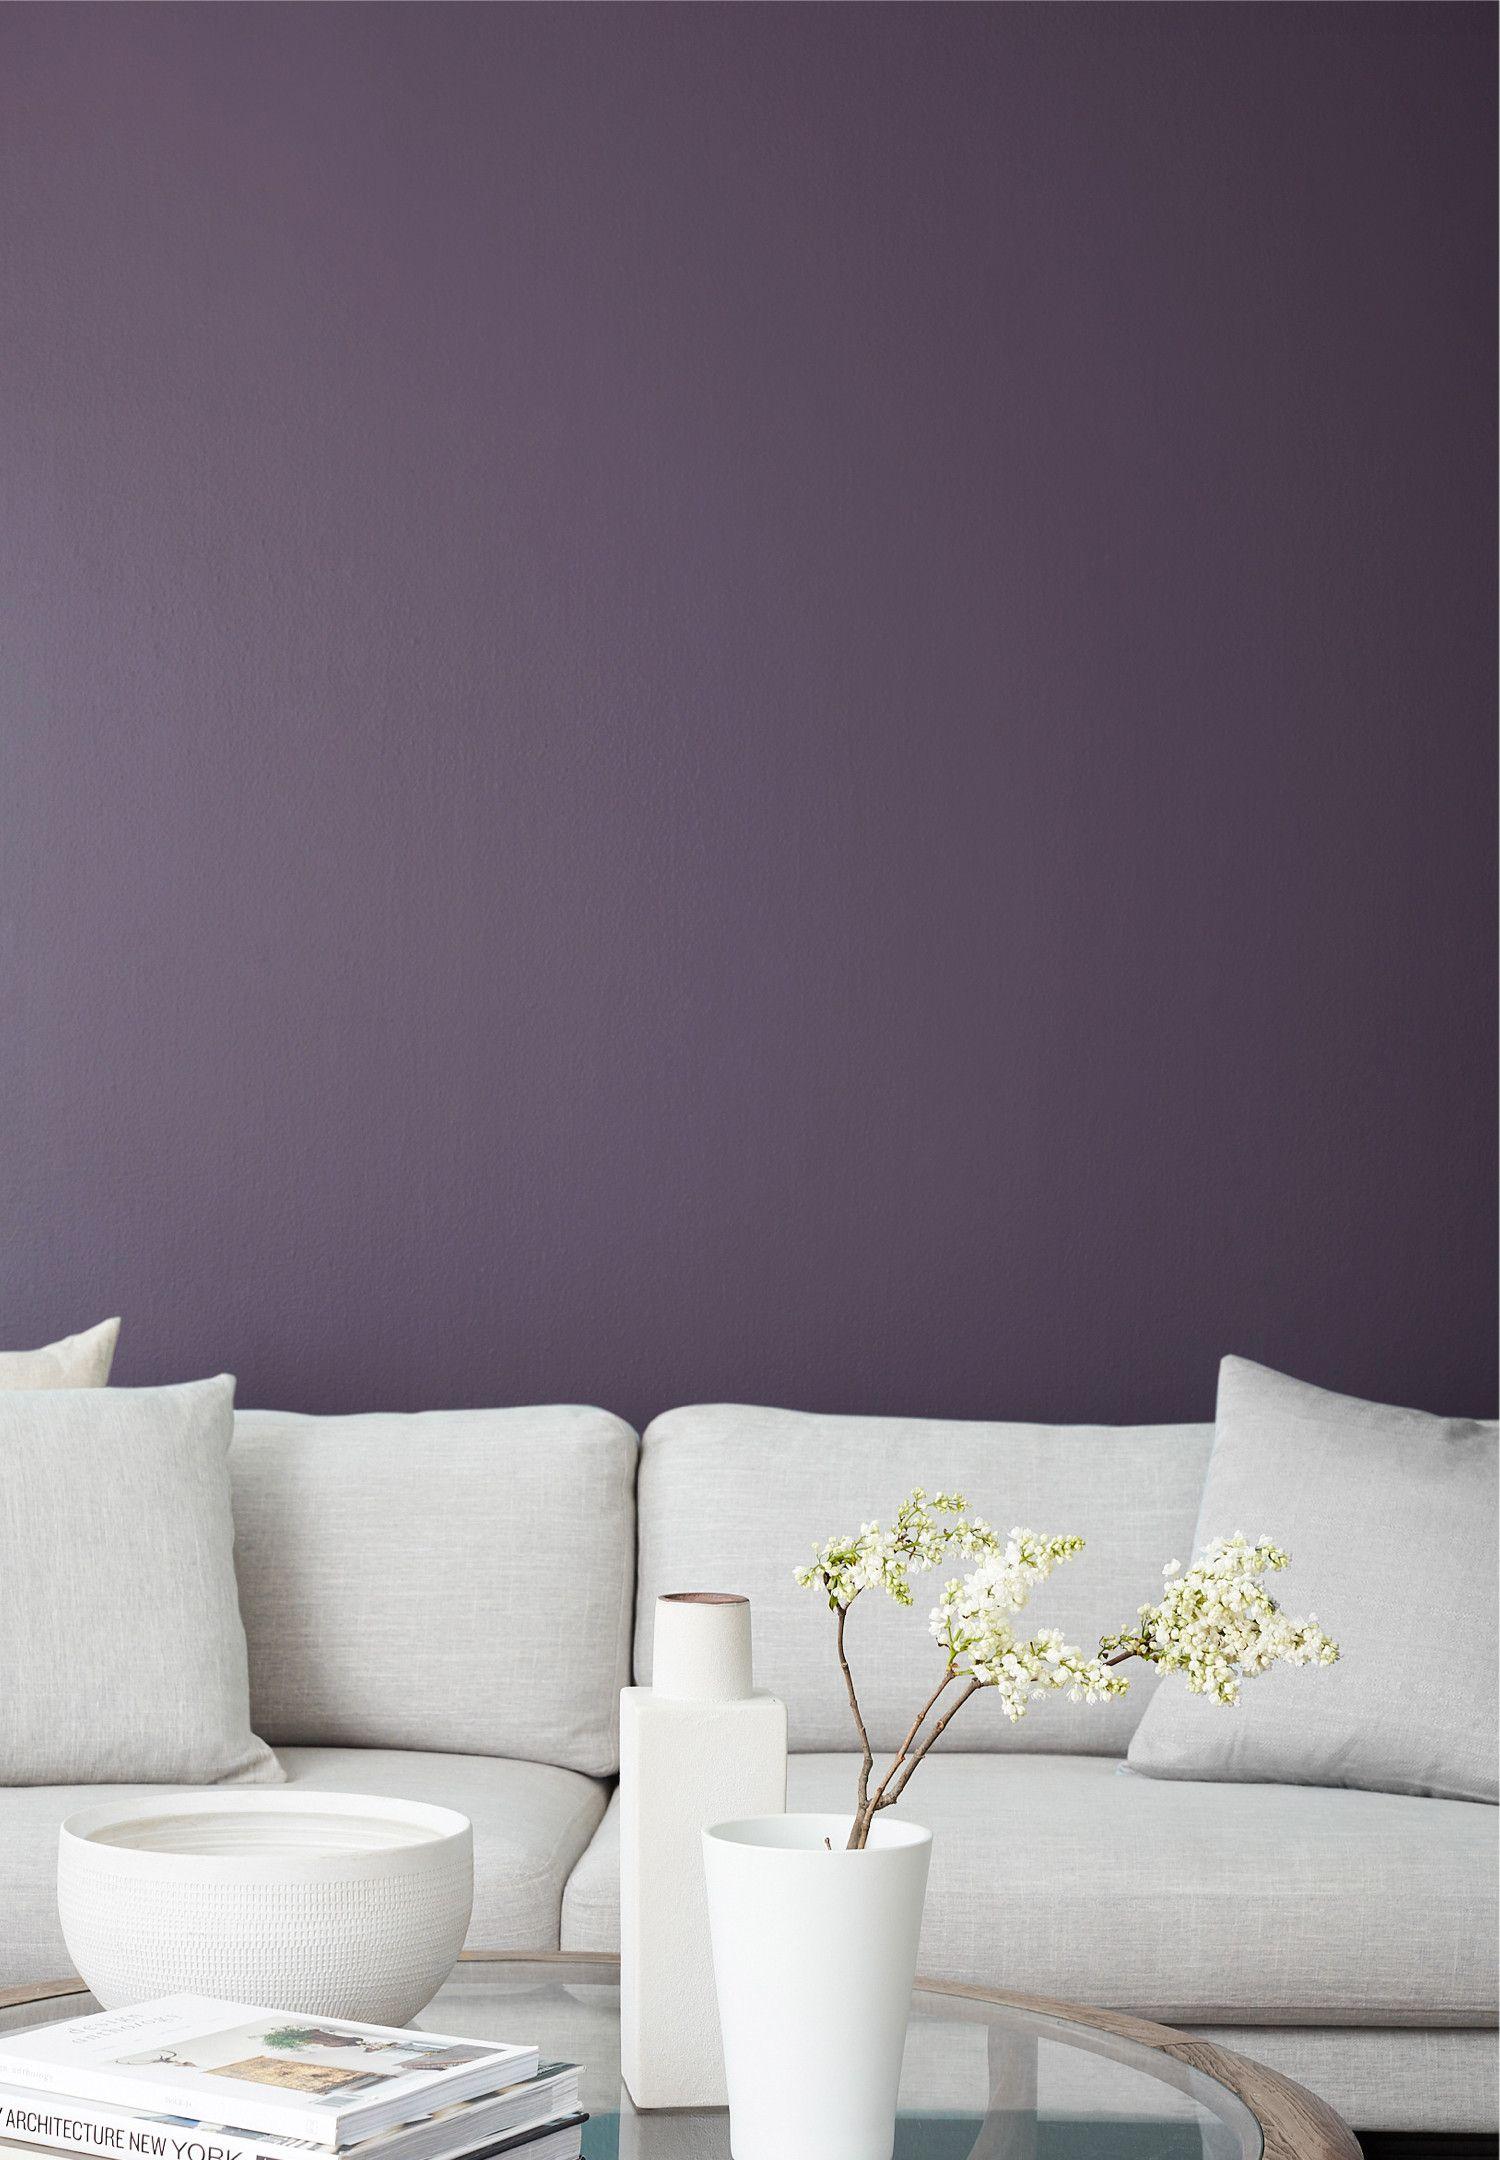 Prince Home Interior Design Interior Home Decor